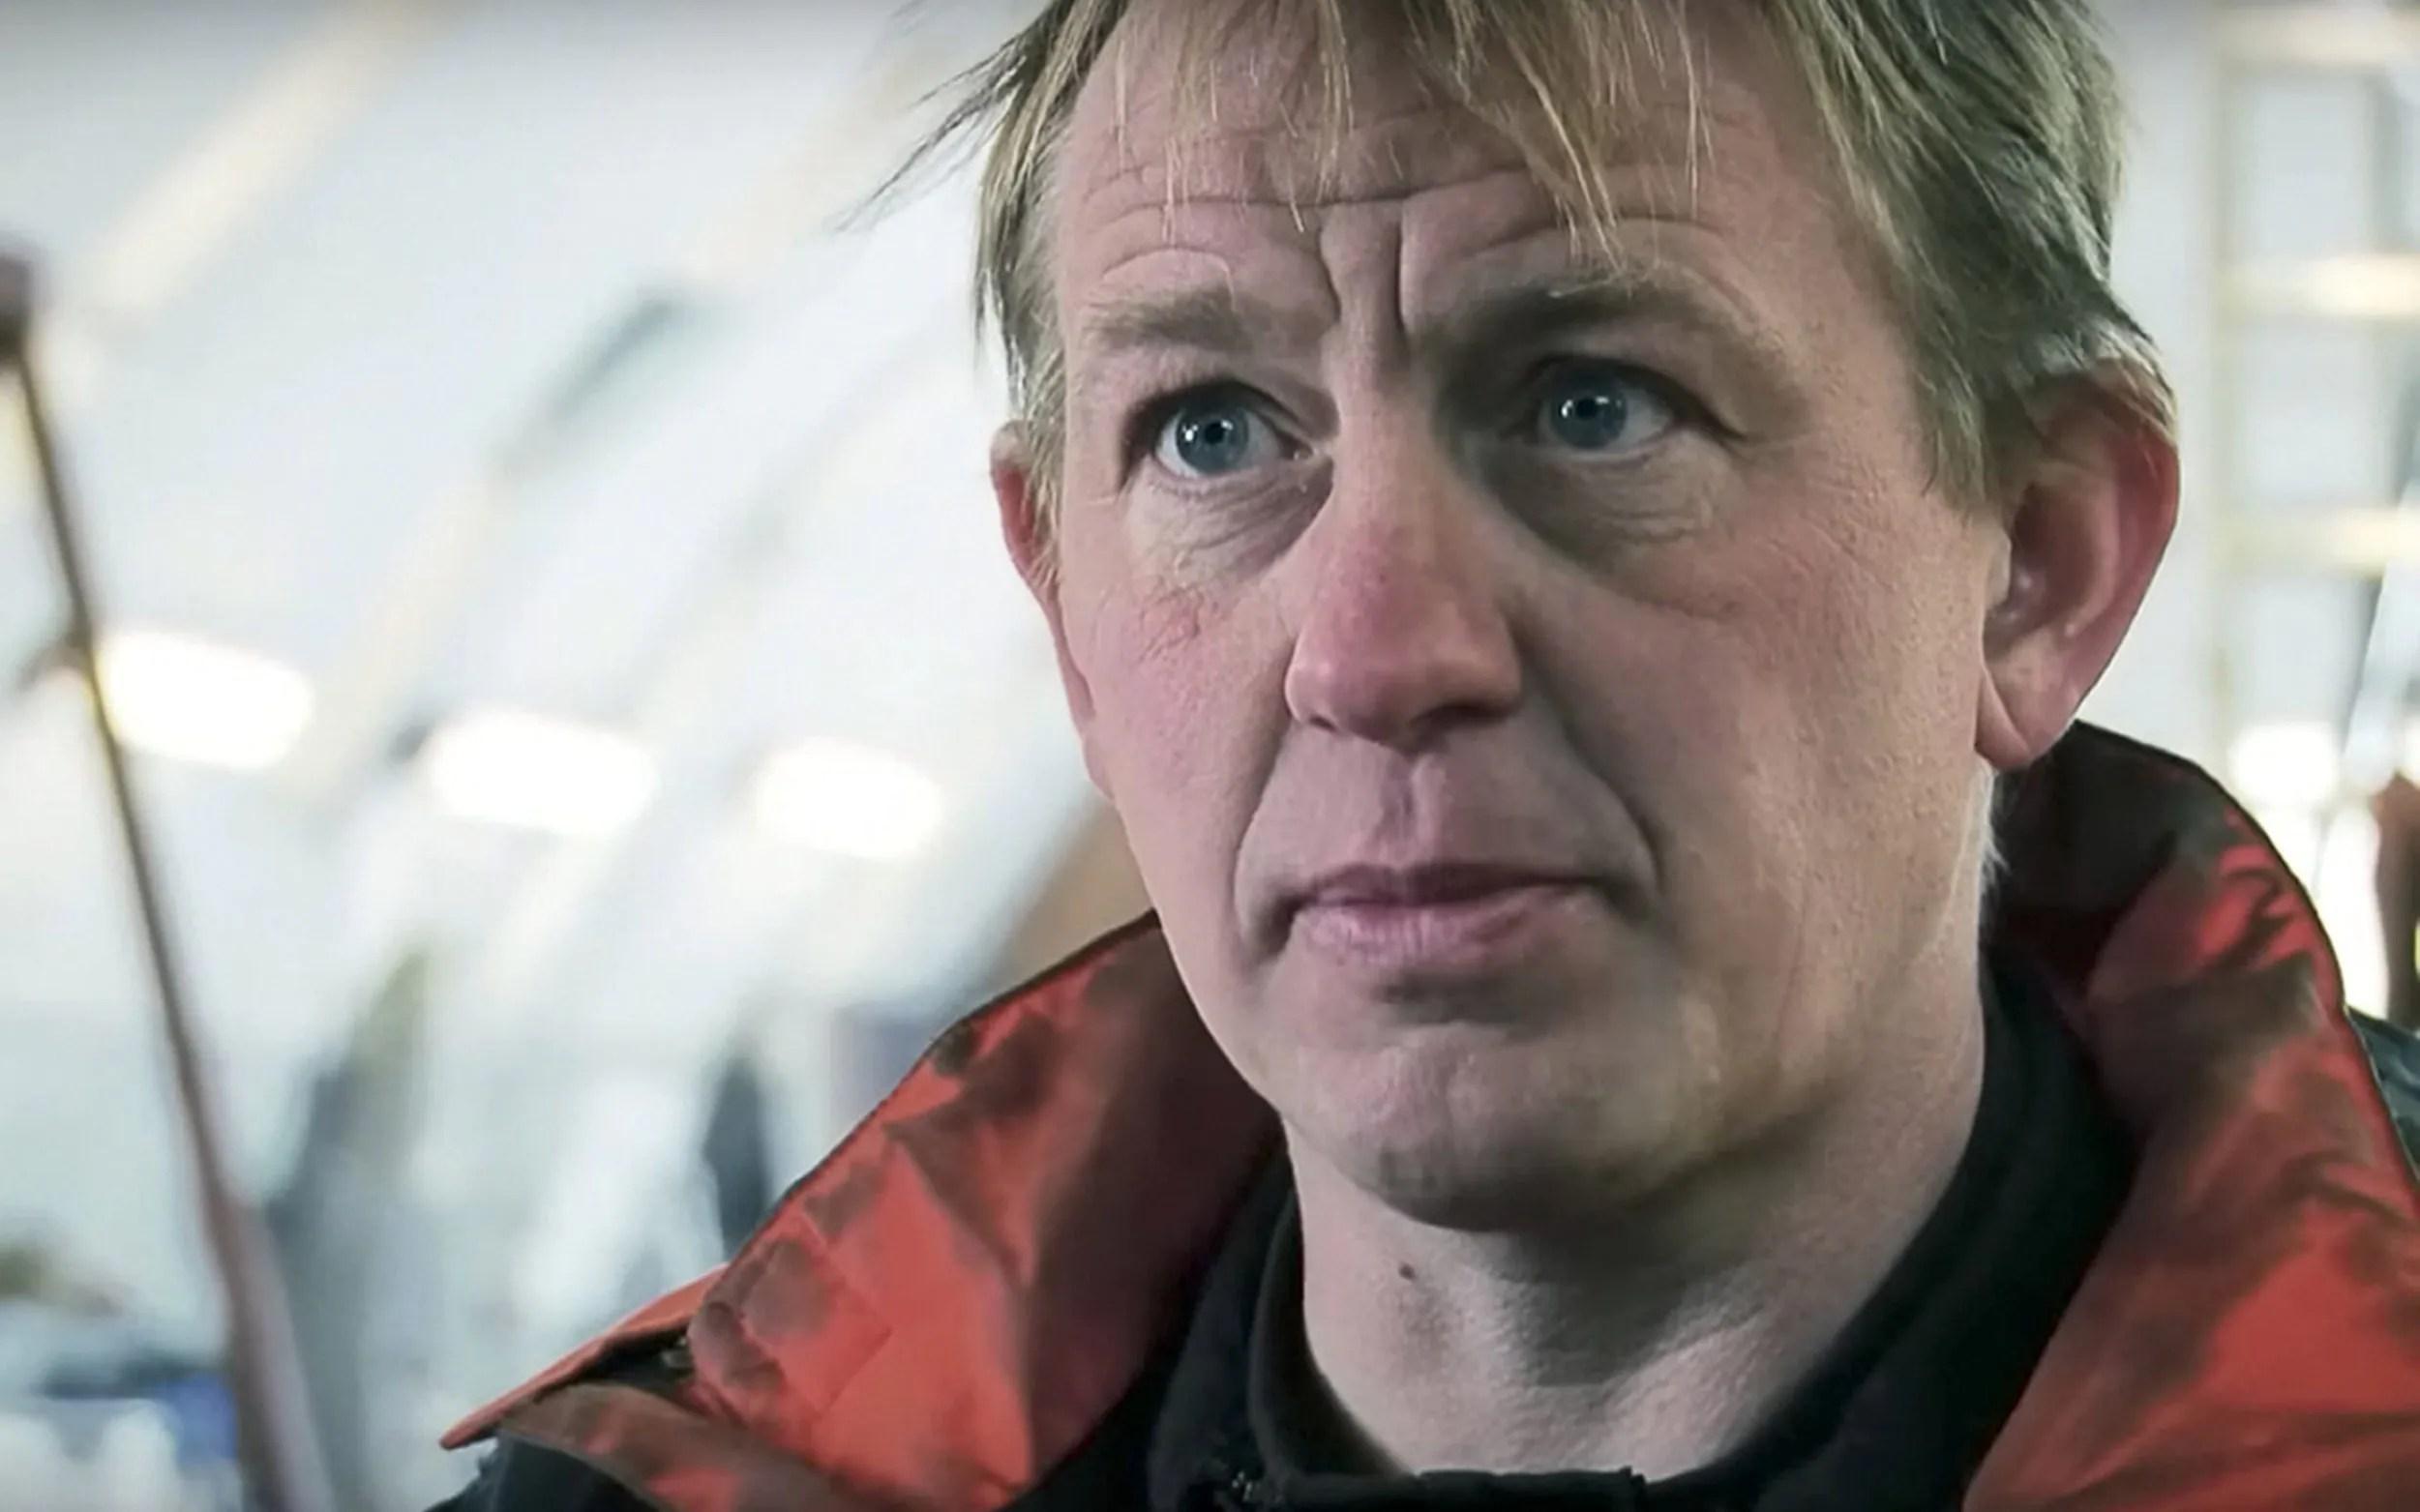 Danish submarine owner Peter Madsen admits to dismembering body of Swedish journalist